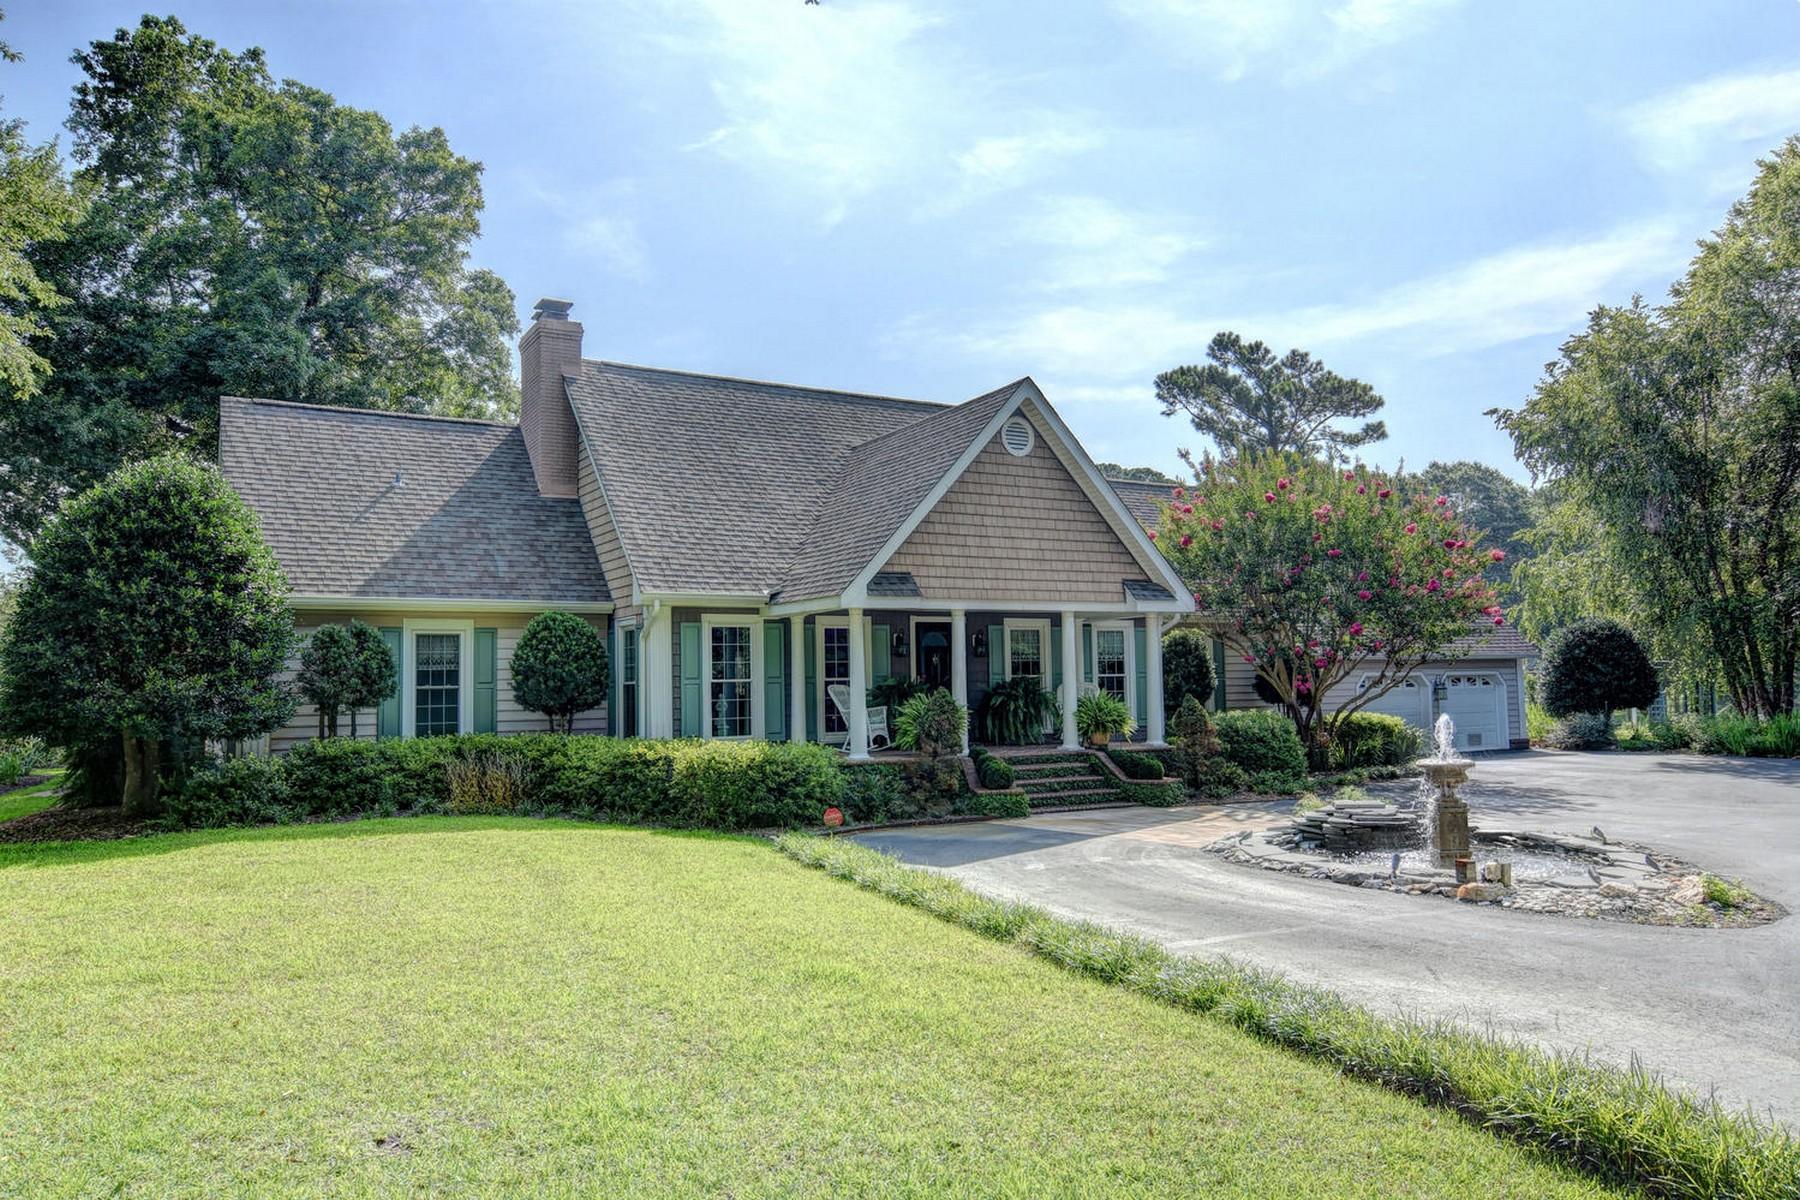 独户住宅 为 销售 在 Stately & Spacious Home on the ICWW 117 White Heron Cove, 汉普斯特德, 北卡罗来纳州, 28443 美国